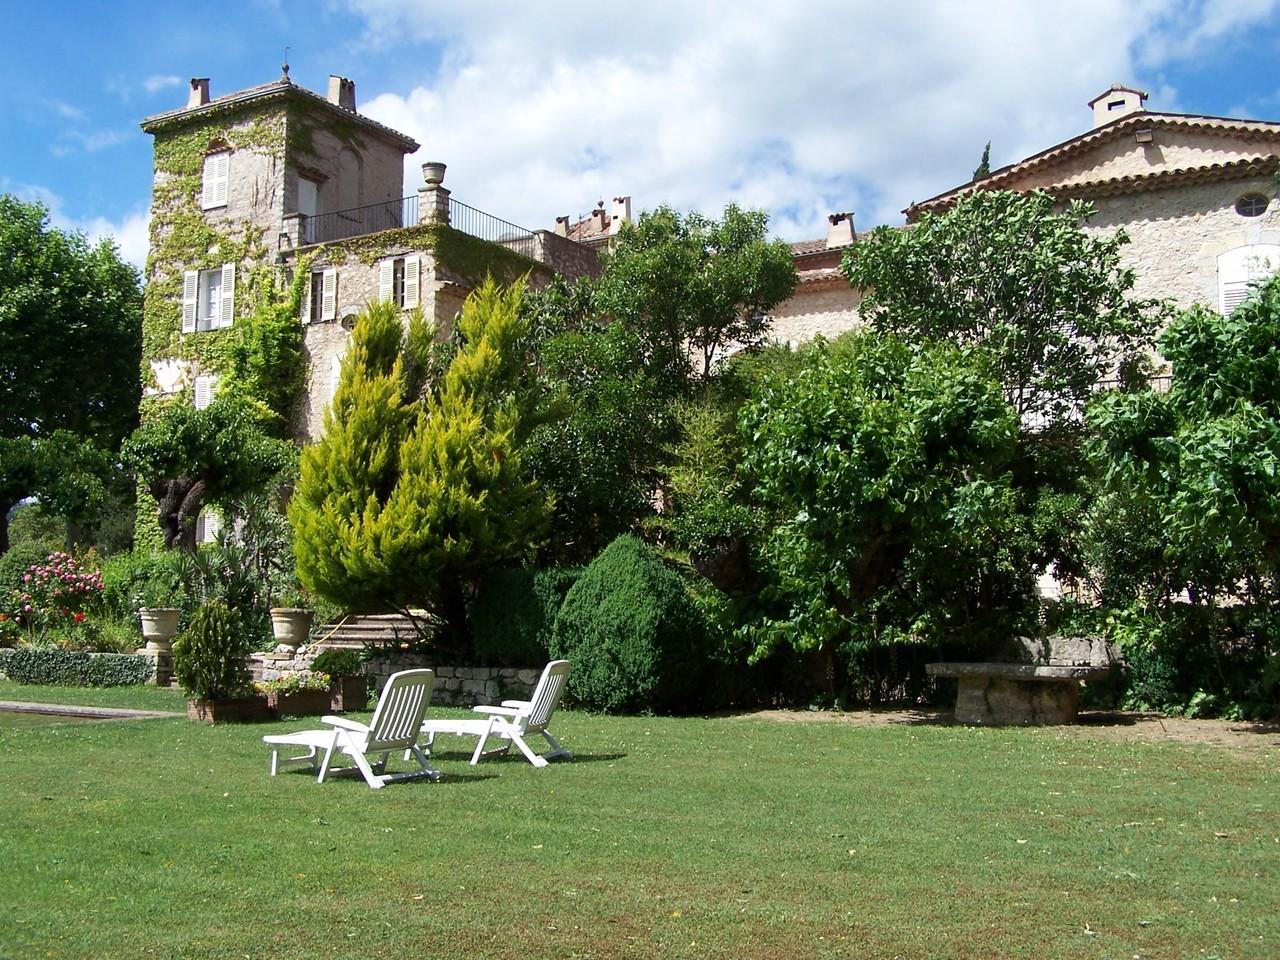 Chateau_de_la_colle_noire.jpg